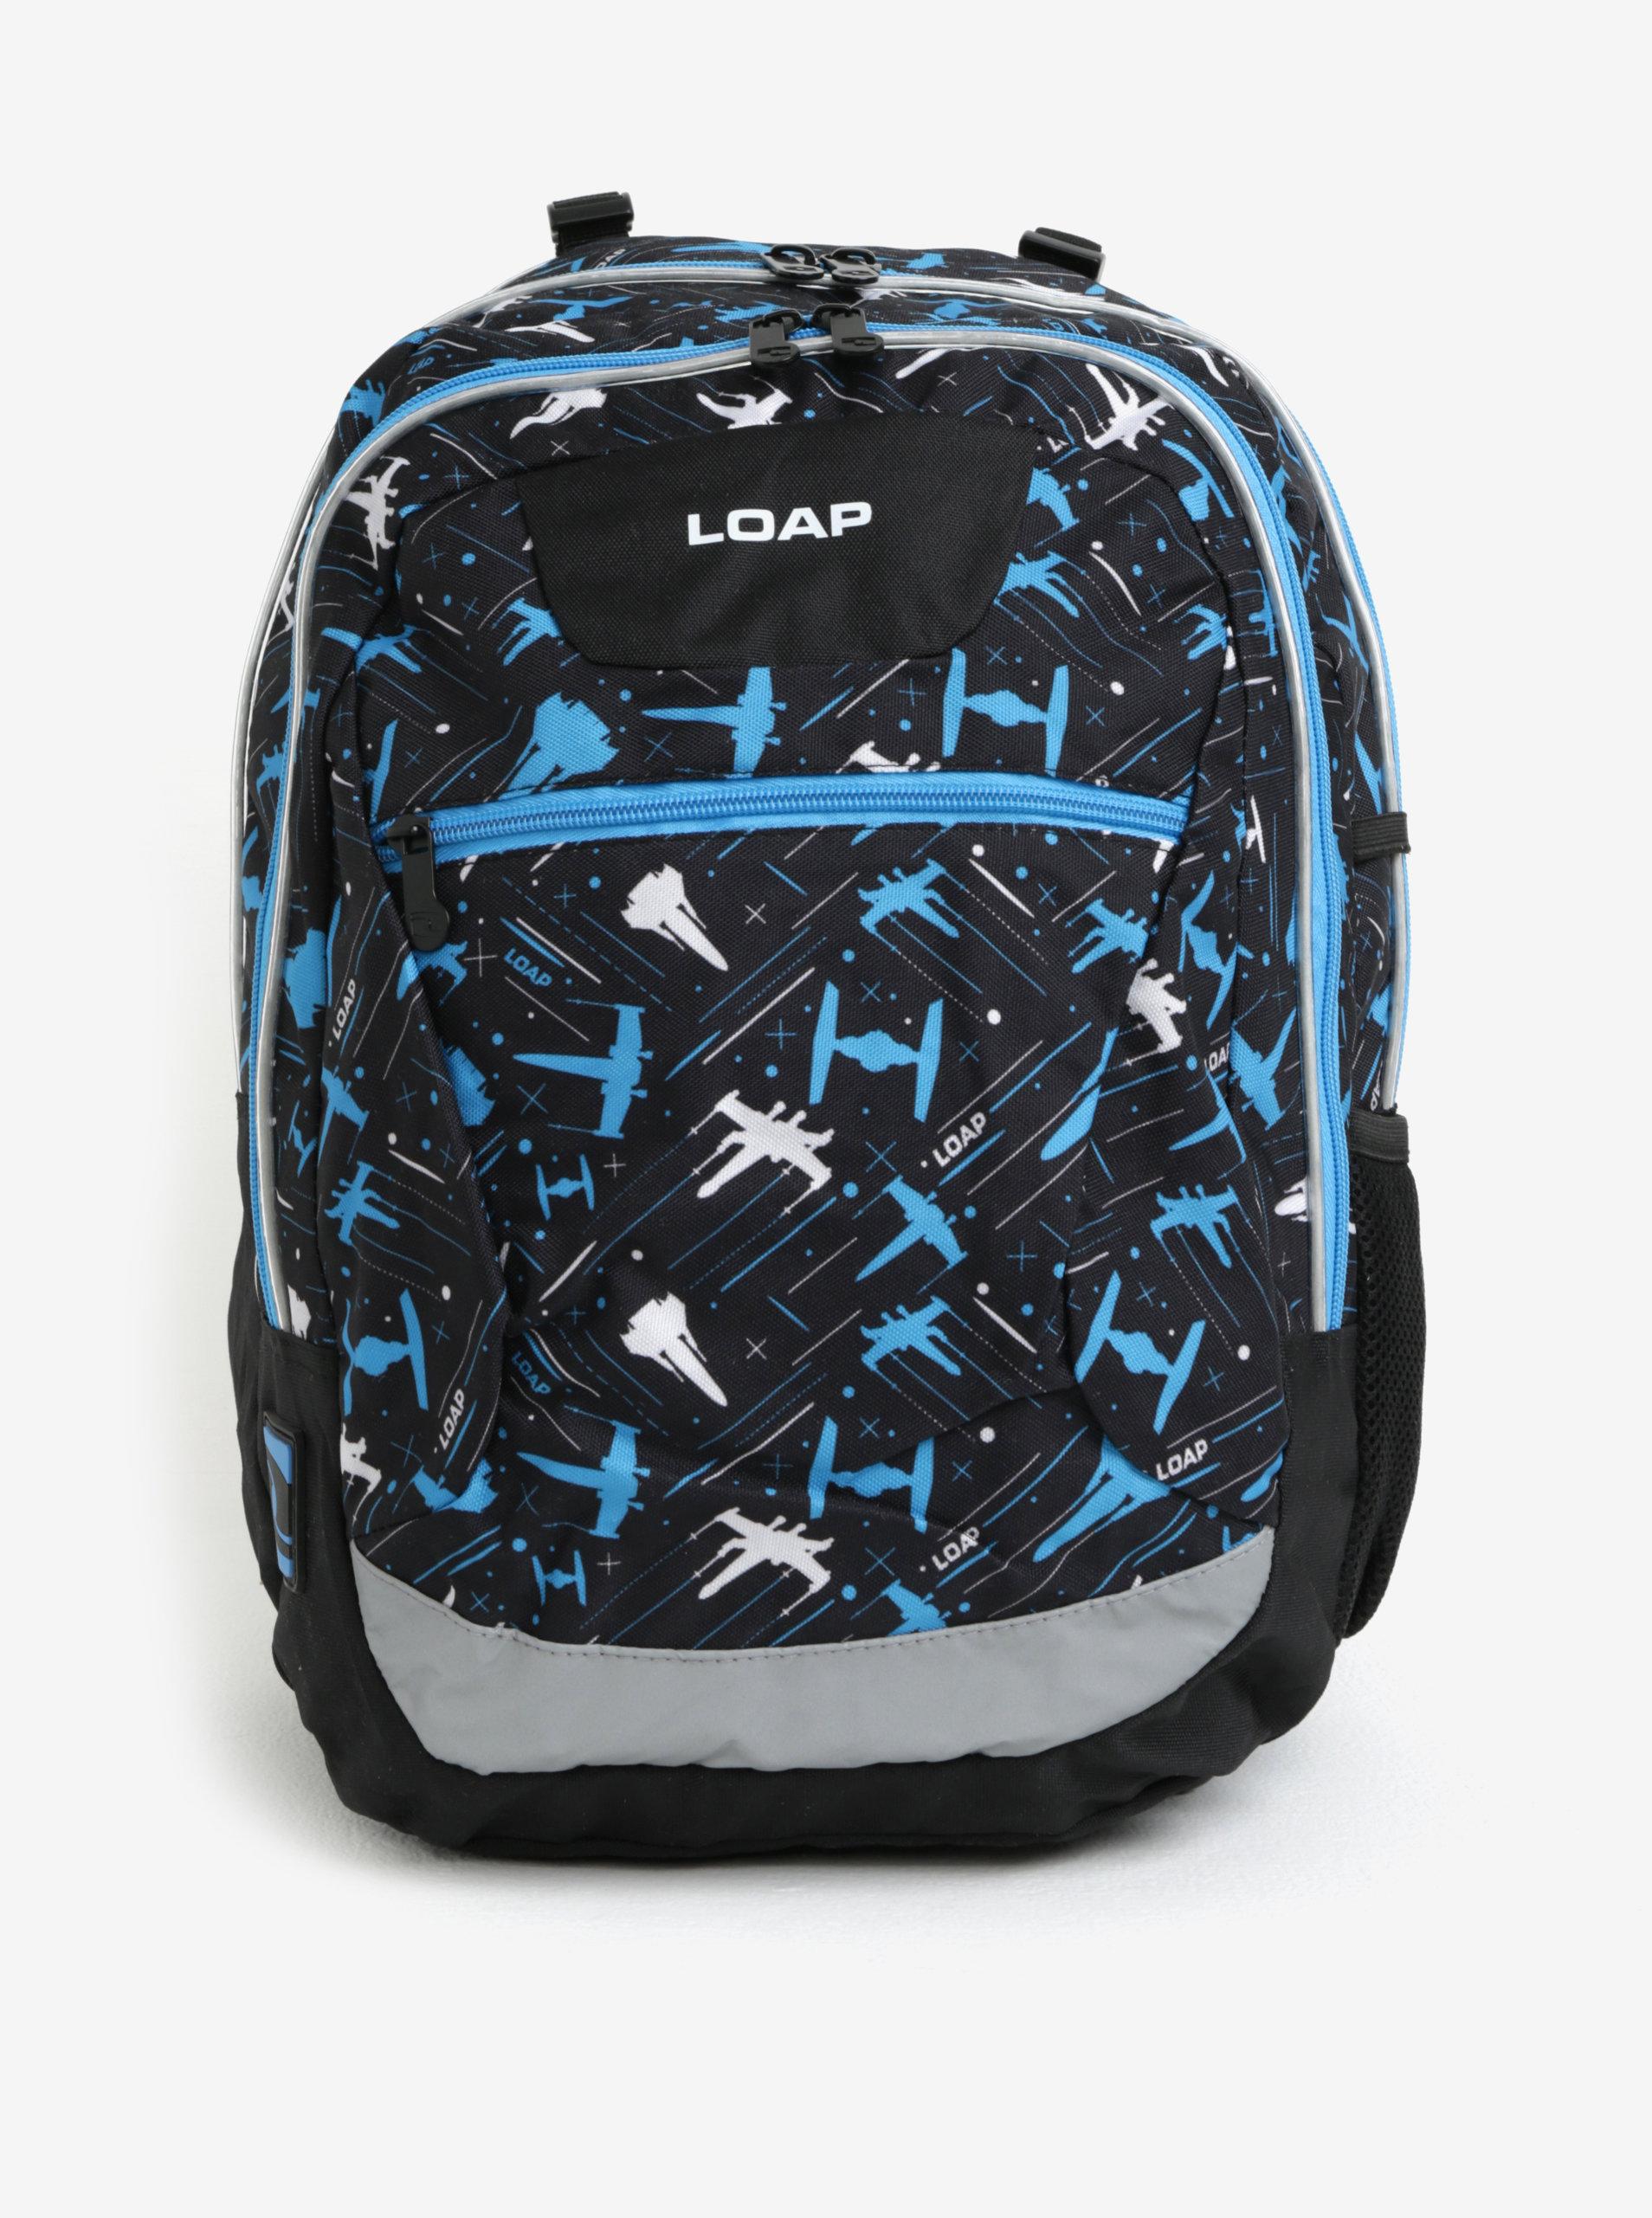 Černo-modrý klučičí vzorovaný batoh LOAP Ellipse 25 l ... 6f238d6420